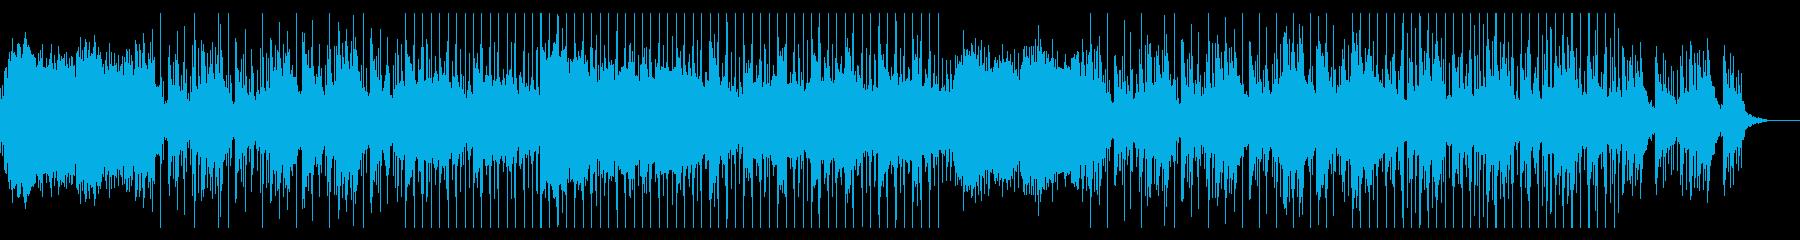 ローファイスタイルの明るく落ち着いた背景の再生済みの波形